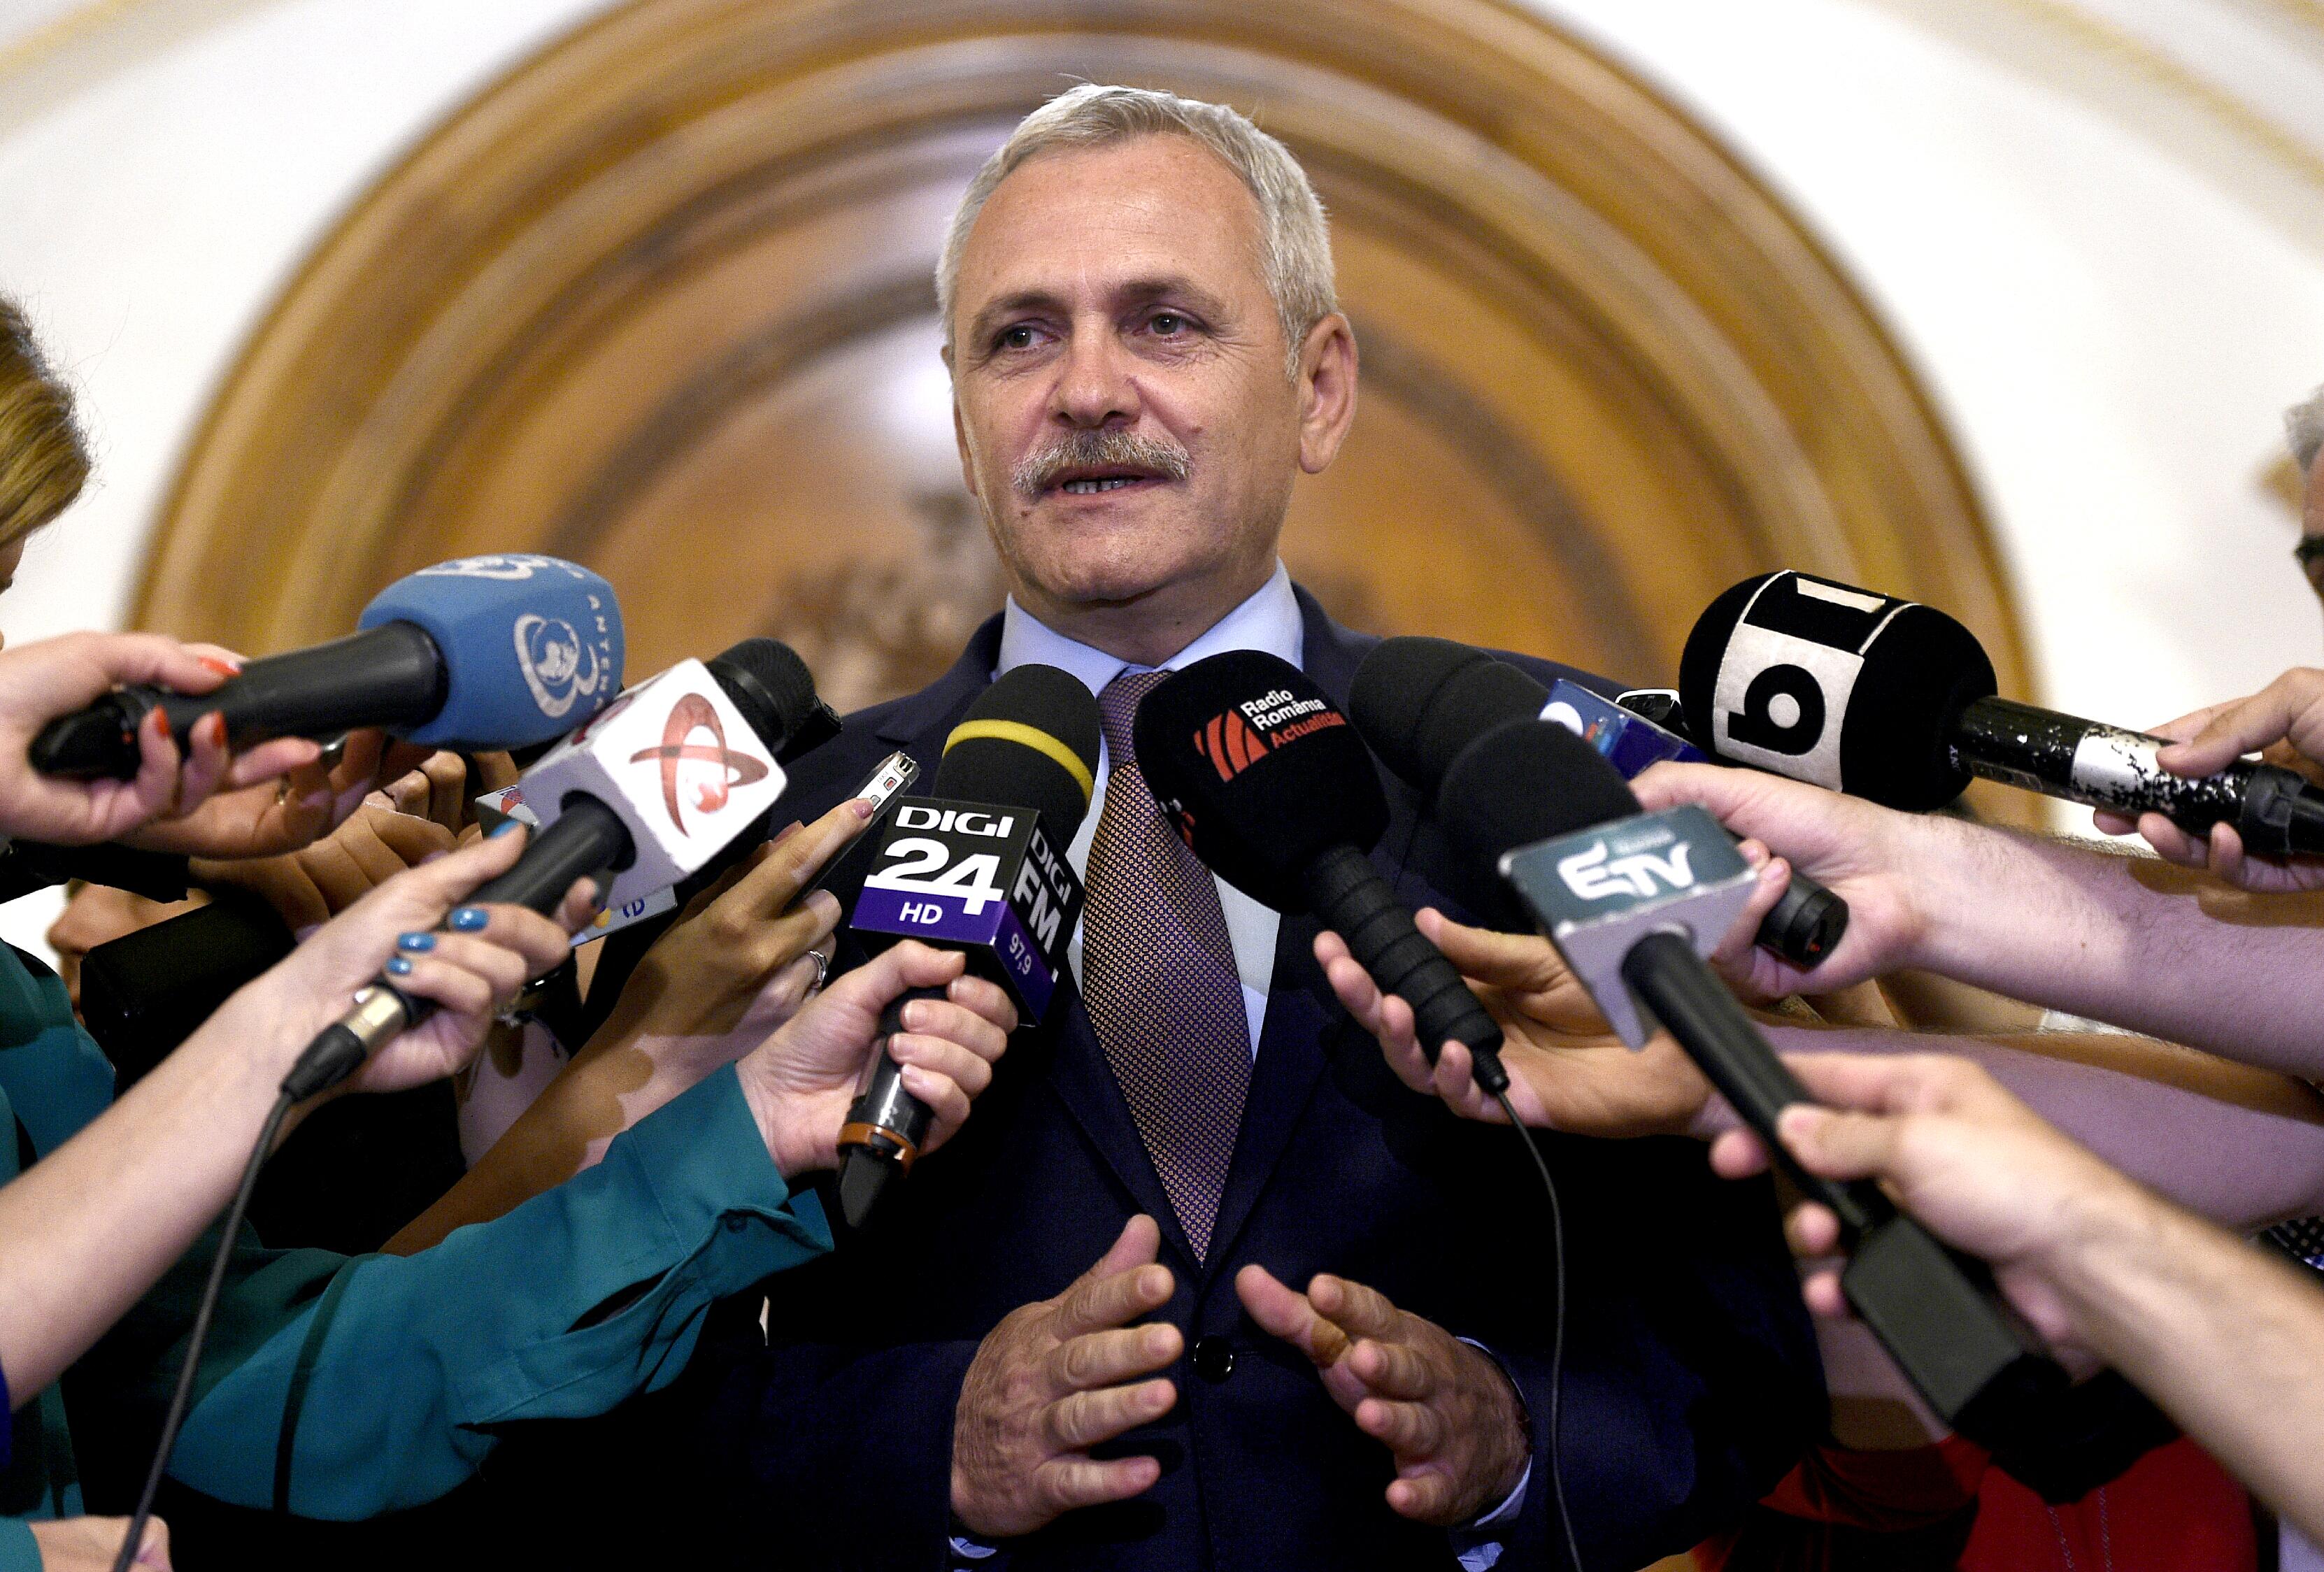 CExN al PSD se reuneste joi la Targoviste. Alianta cu UNPR si majoritatile din consilii, printre subiectele discutate